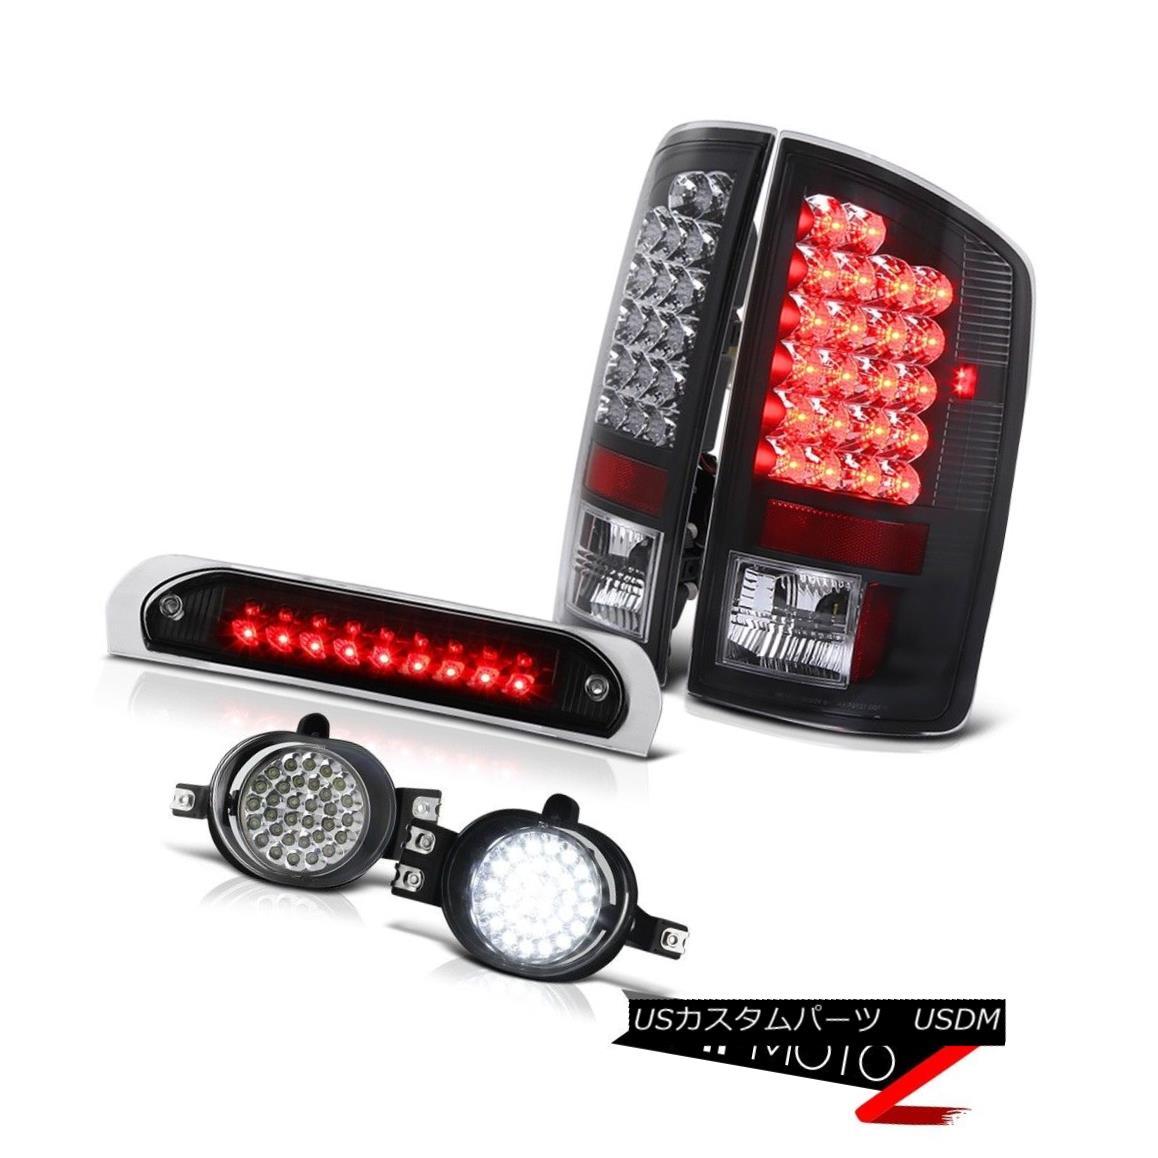 テールライト Matte Black Tail Lights LED Foglamps Third Brake 2007-2008 Dodge Ram Magnum V8 マットブラックテールライトLEDフォグライト第3ブレーキ2007-2008ダッジラムマグナムV8